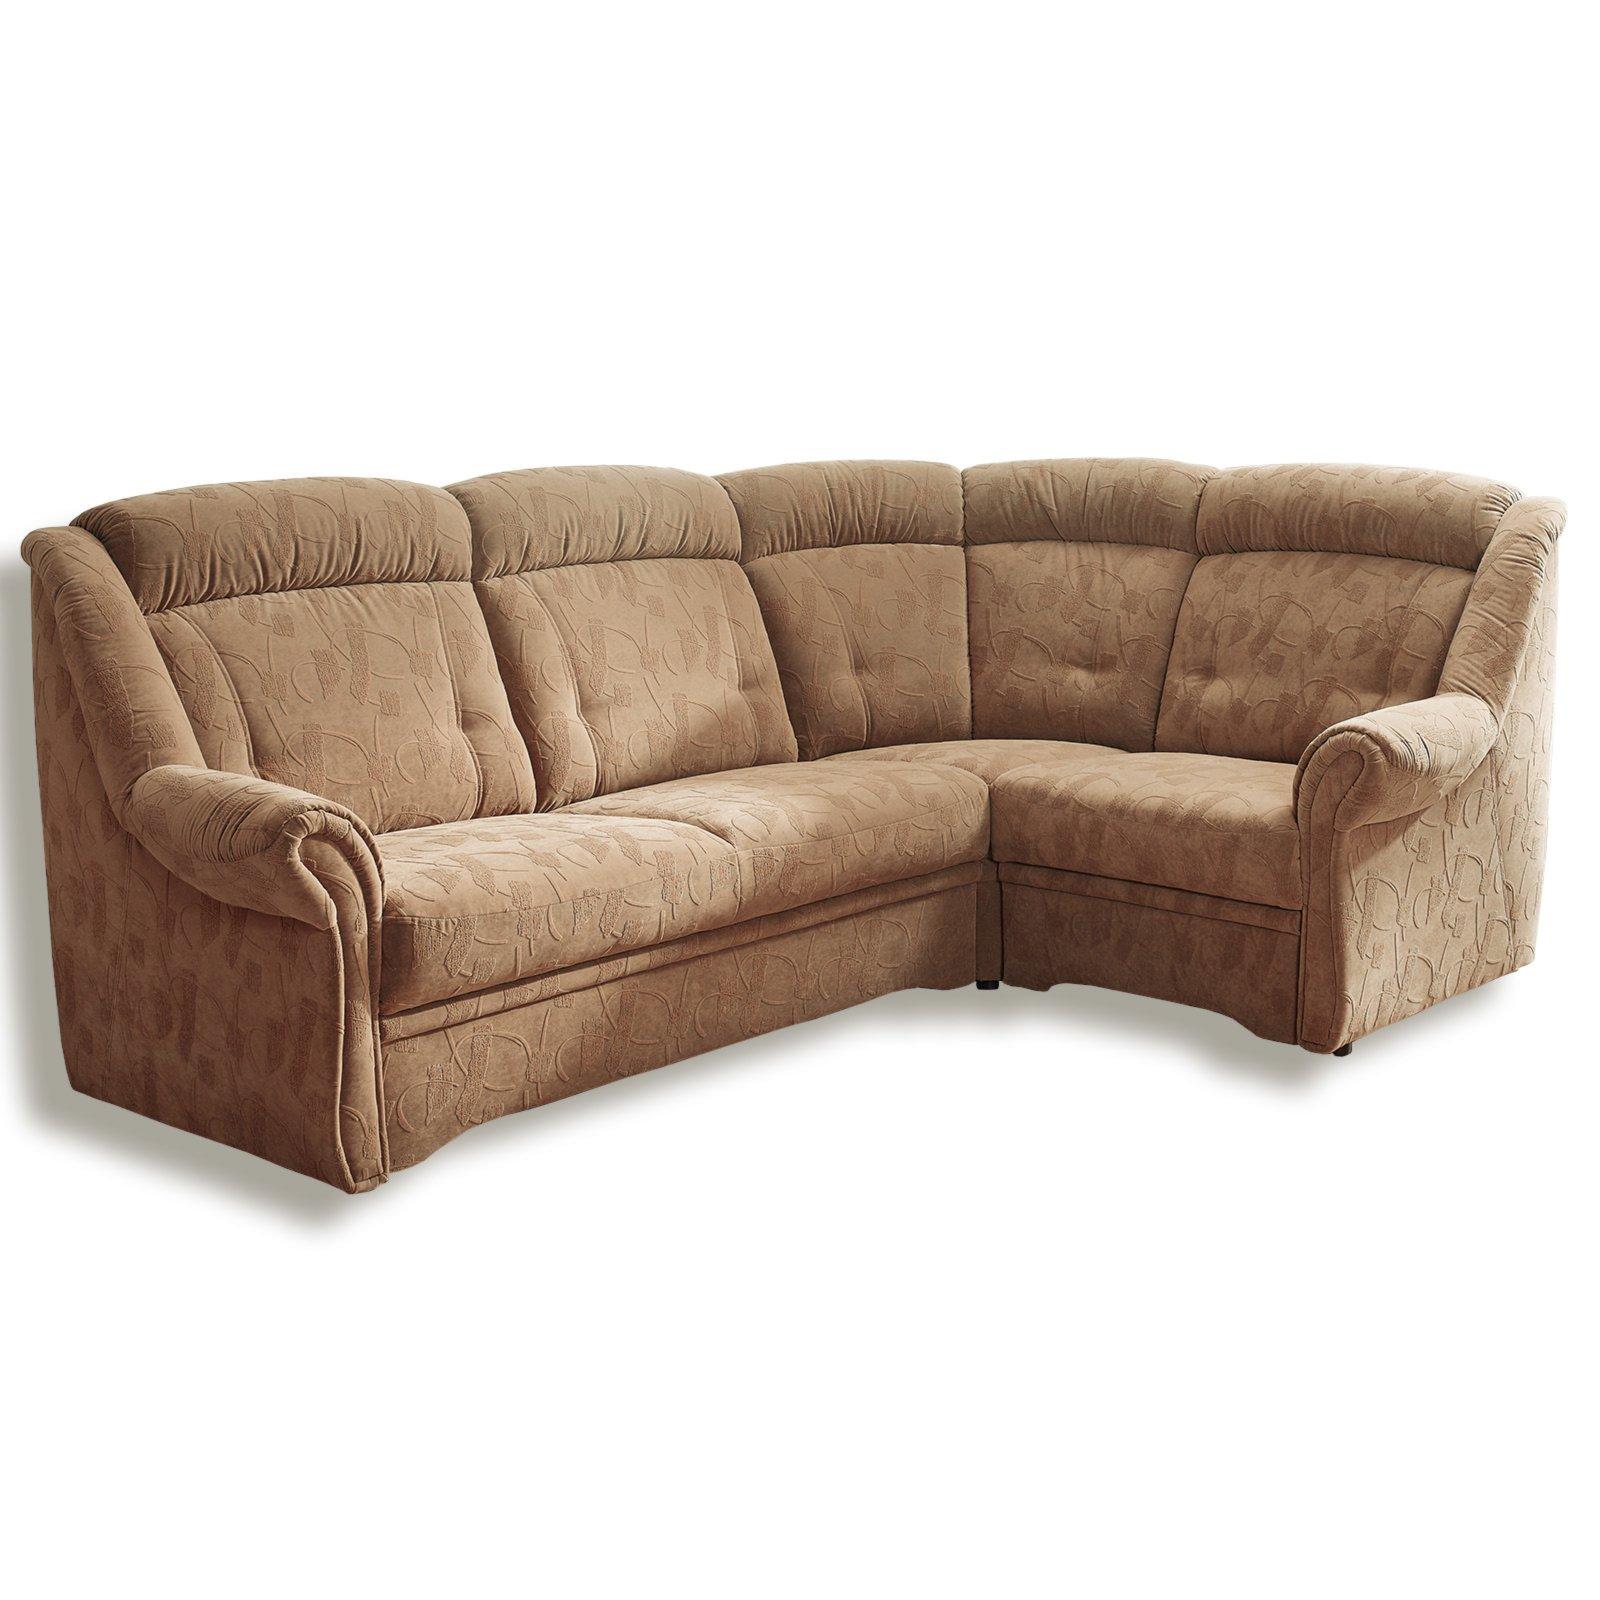 Ecksofa toffee federkern ecksofas l form sofas for Ecksofa 3 00 m